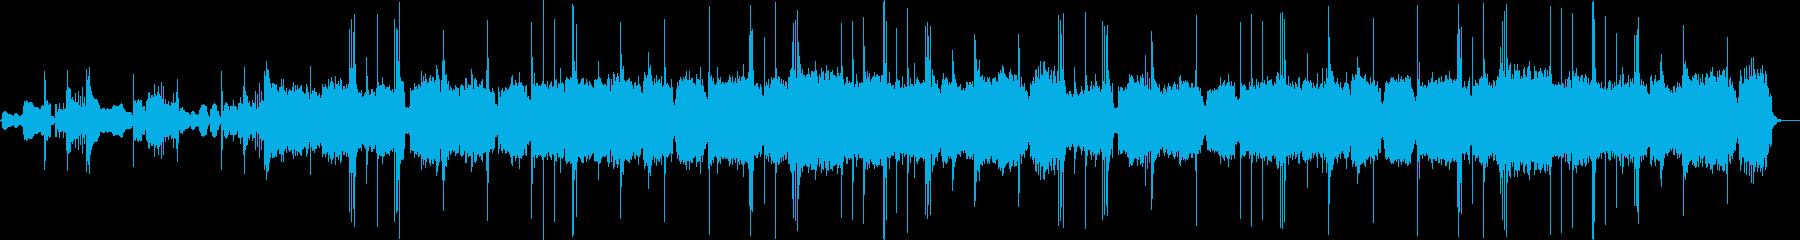 雅楽で最も有名な曲『越天楽』の再生済みの波形